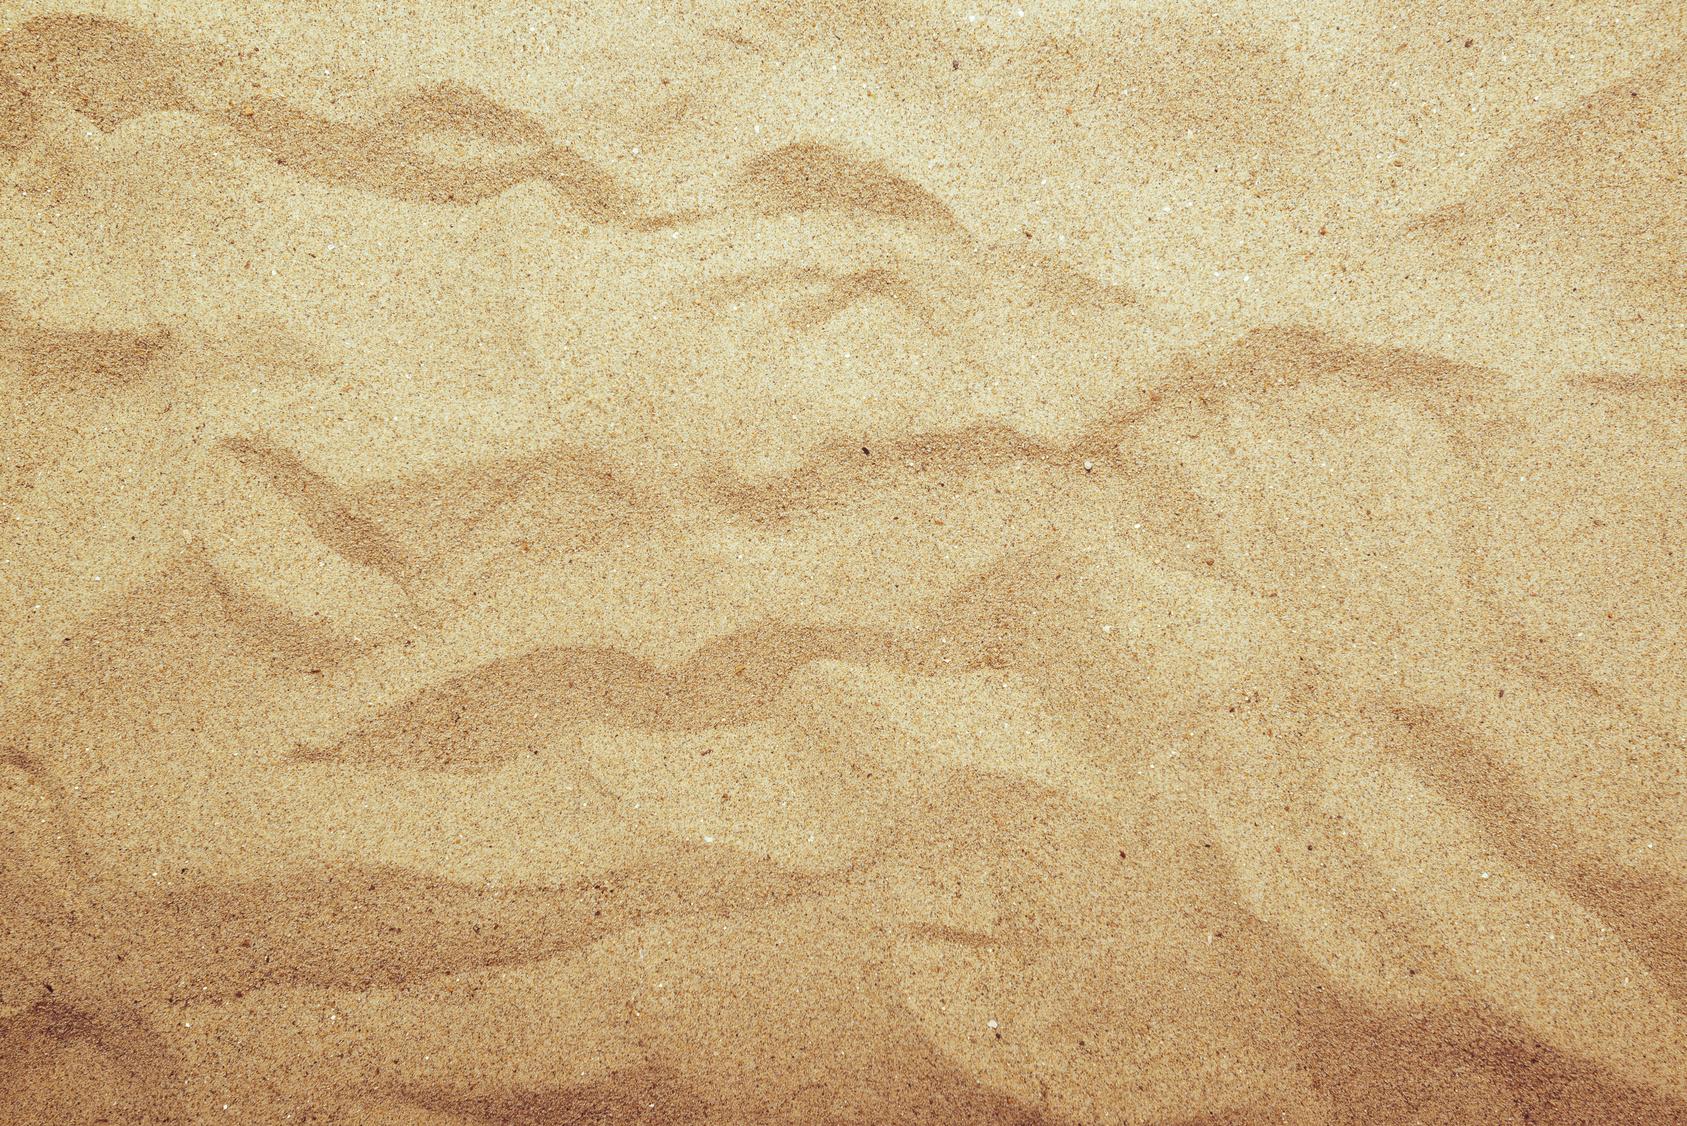 piasek uszlachetniony